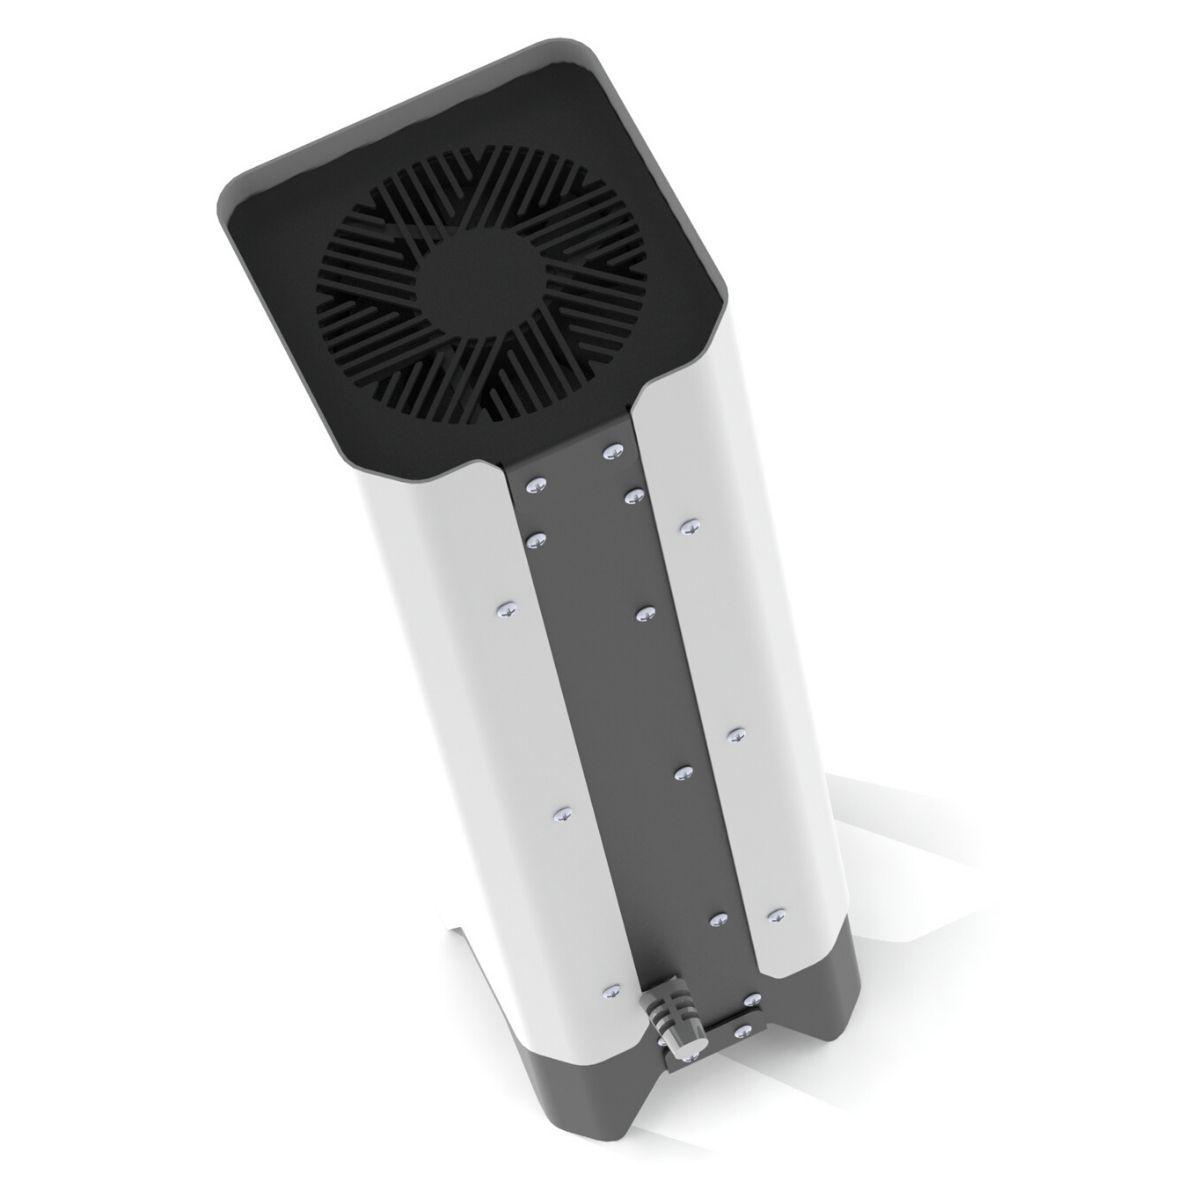 Ультрафиолетовый облучатель-рециркулятор Soeks для использования в общественных помещениях